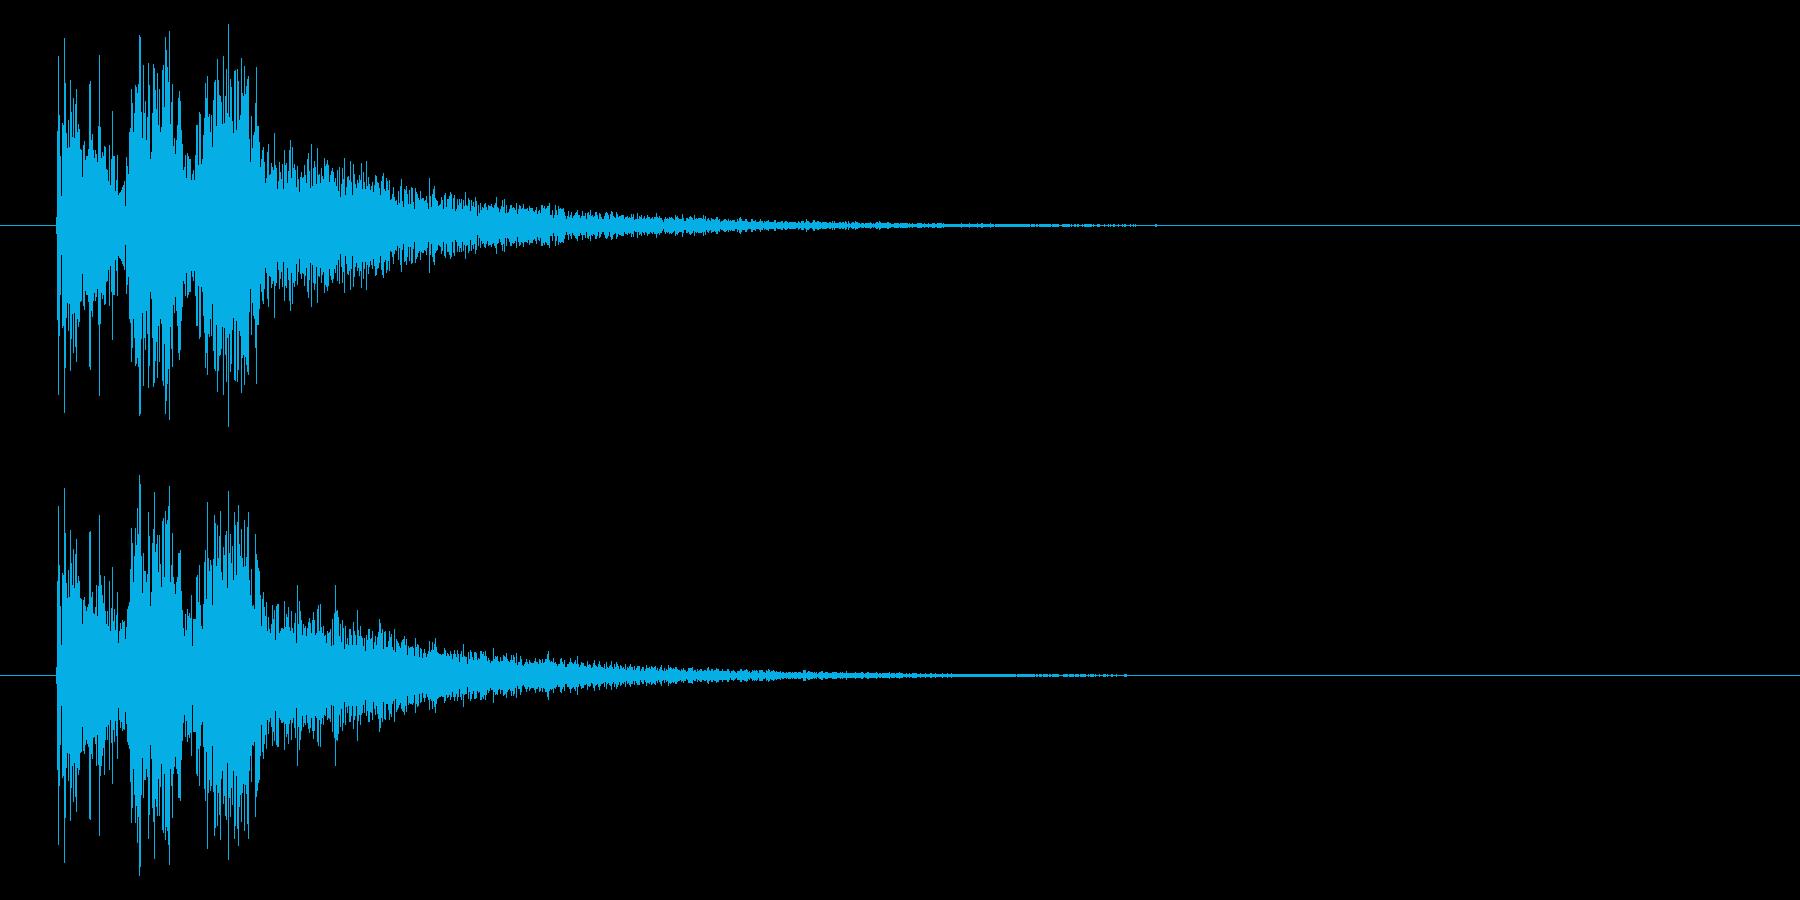 斬る04-3の再生済みの波形